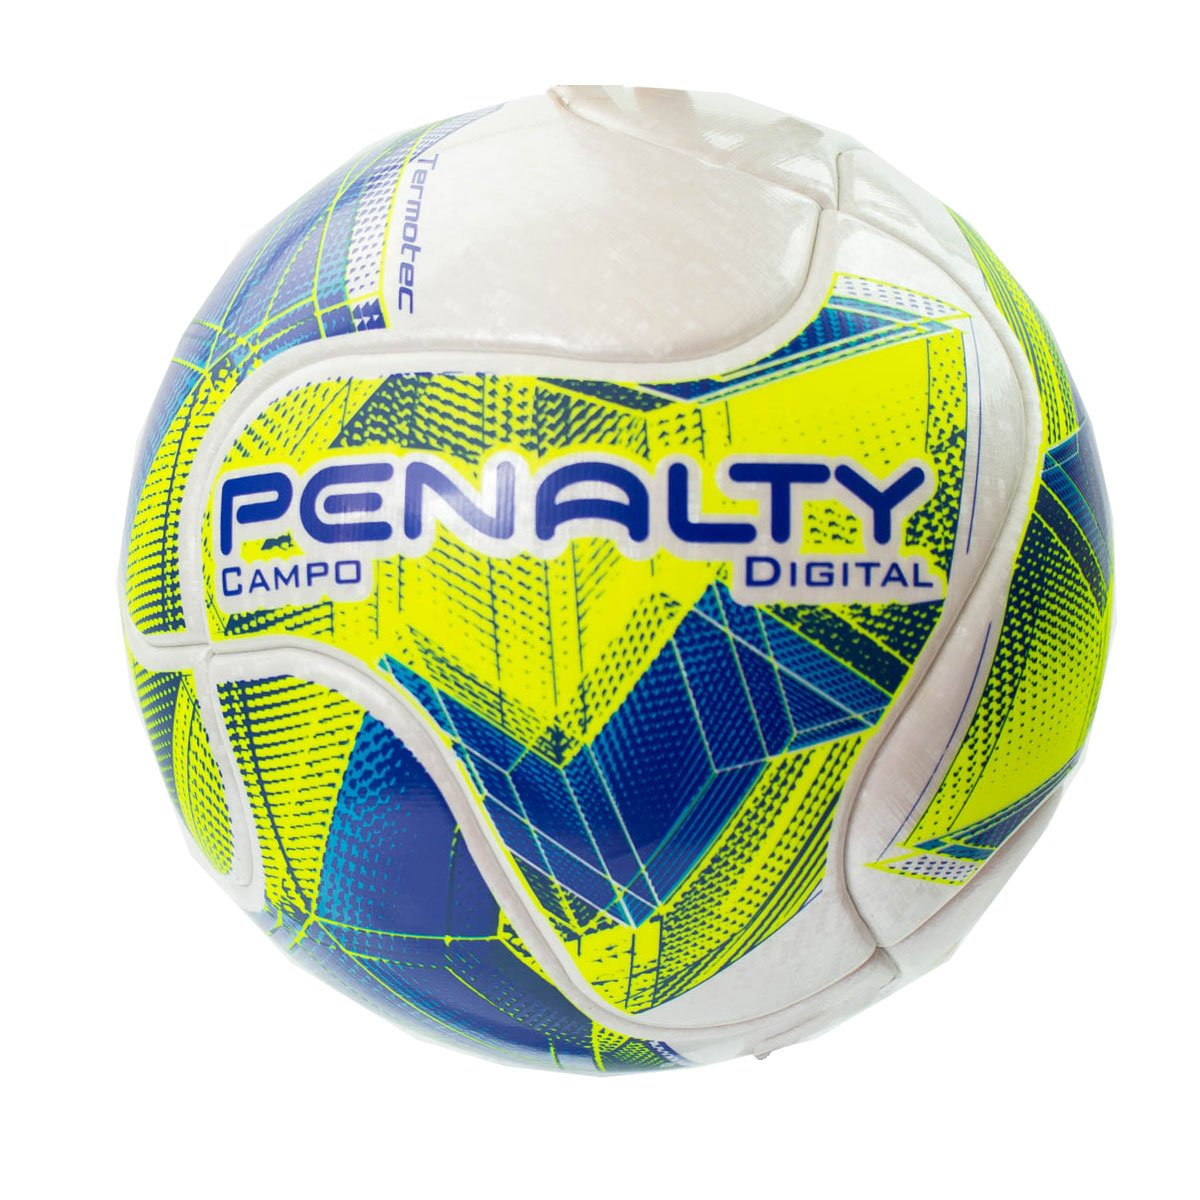 bd41695958966 Imagem - Bola Futebol De Campo Penalty Digital - 056913